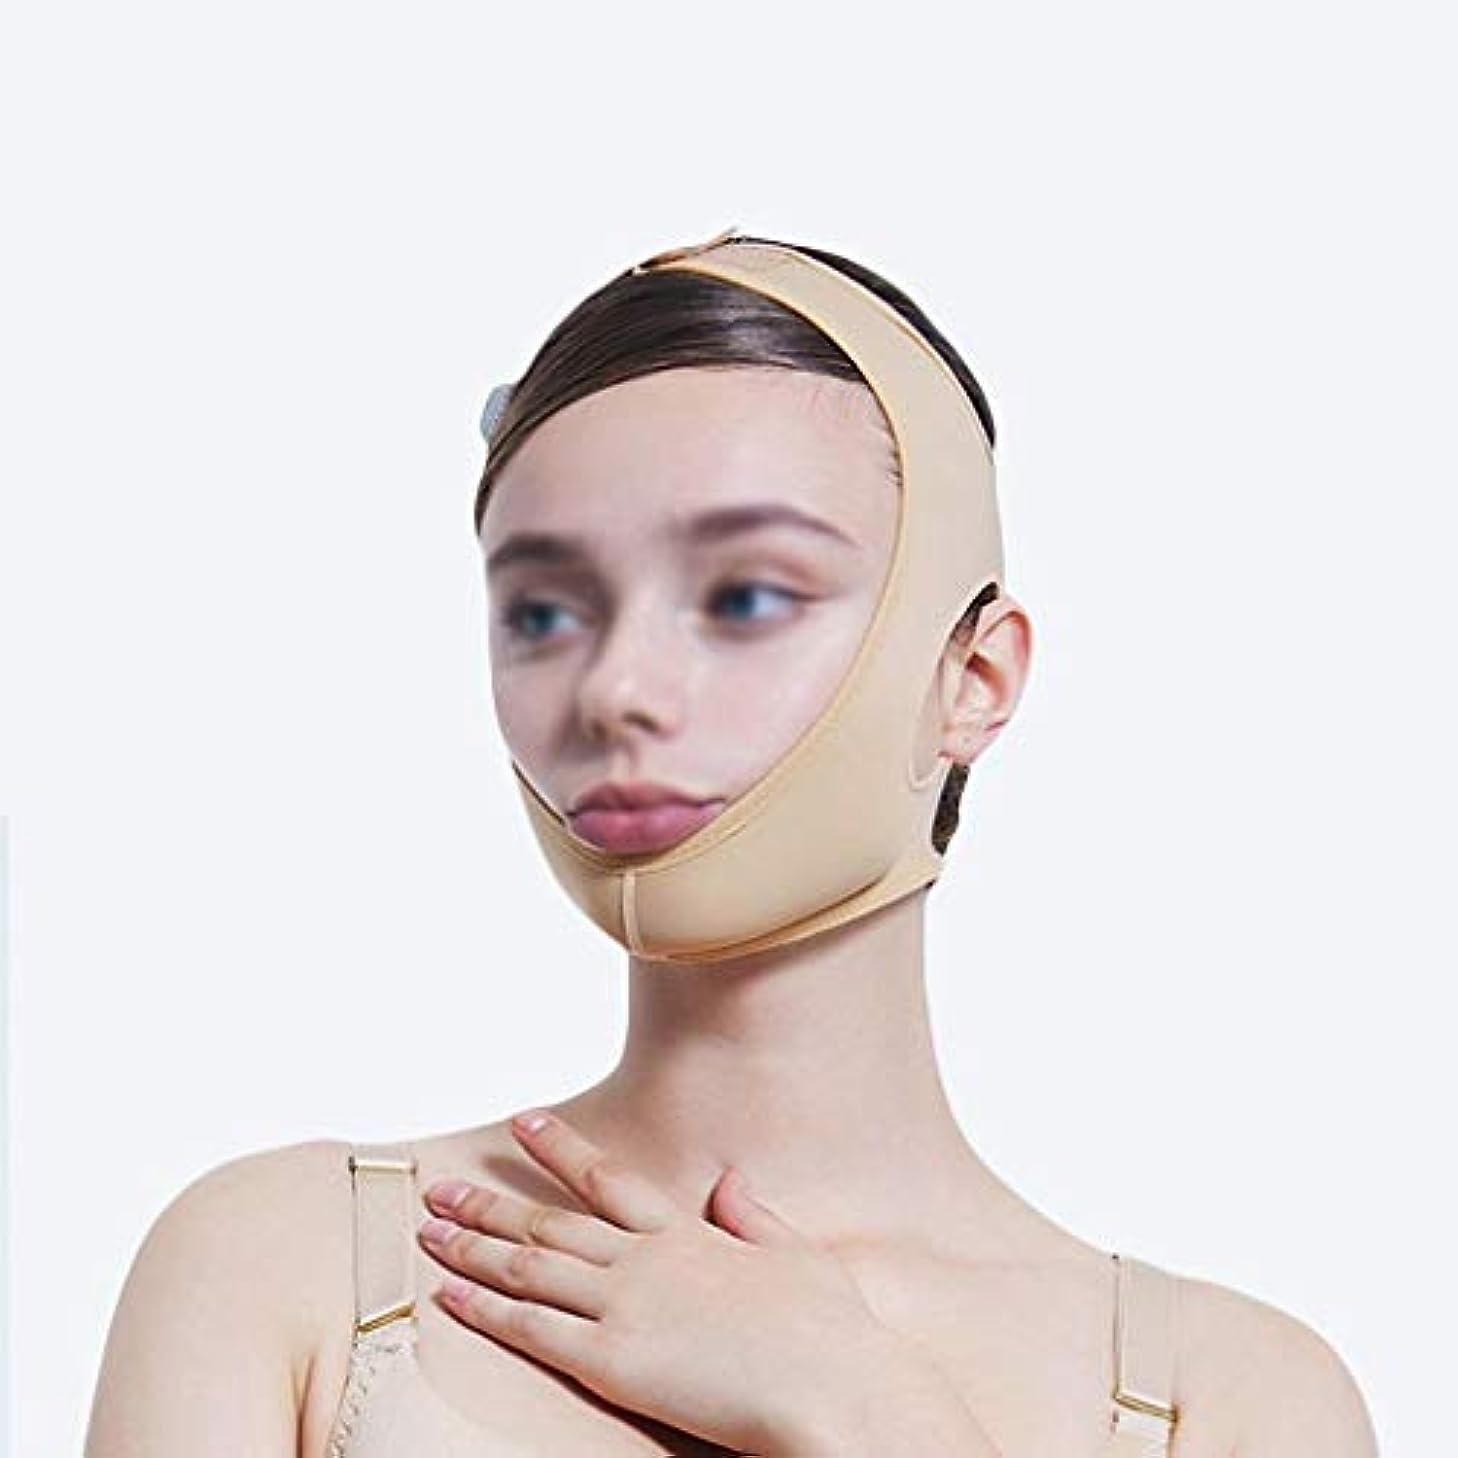 リビジョン調べる眠っているフェイシャルライン、頬、しわ防止フェイシャル減量、フェイスバンド、フェイスマスク、フェイスリフティング、通気性、ダブルチンストラップ(サイズ:XXL),S